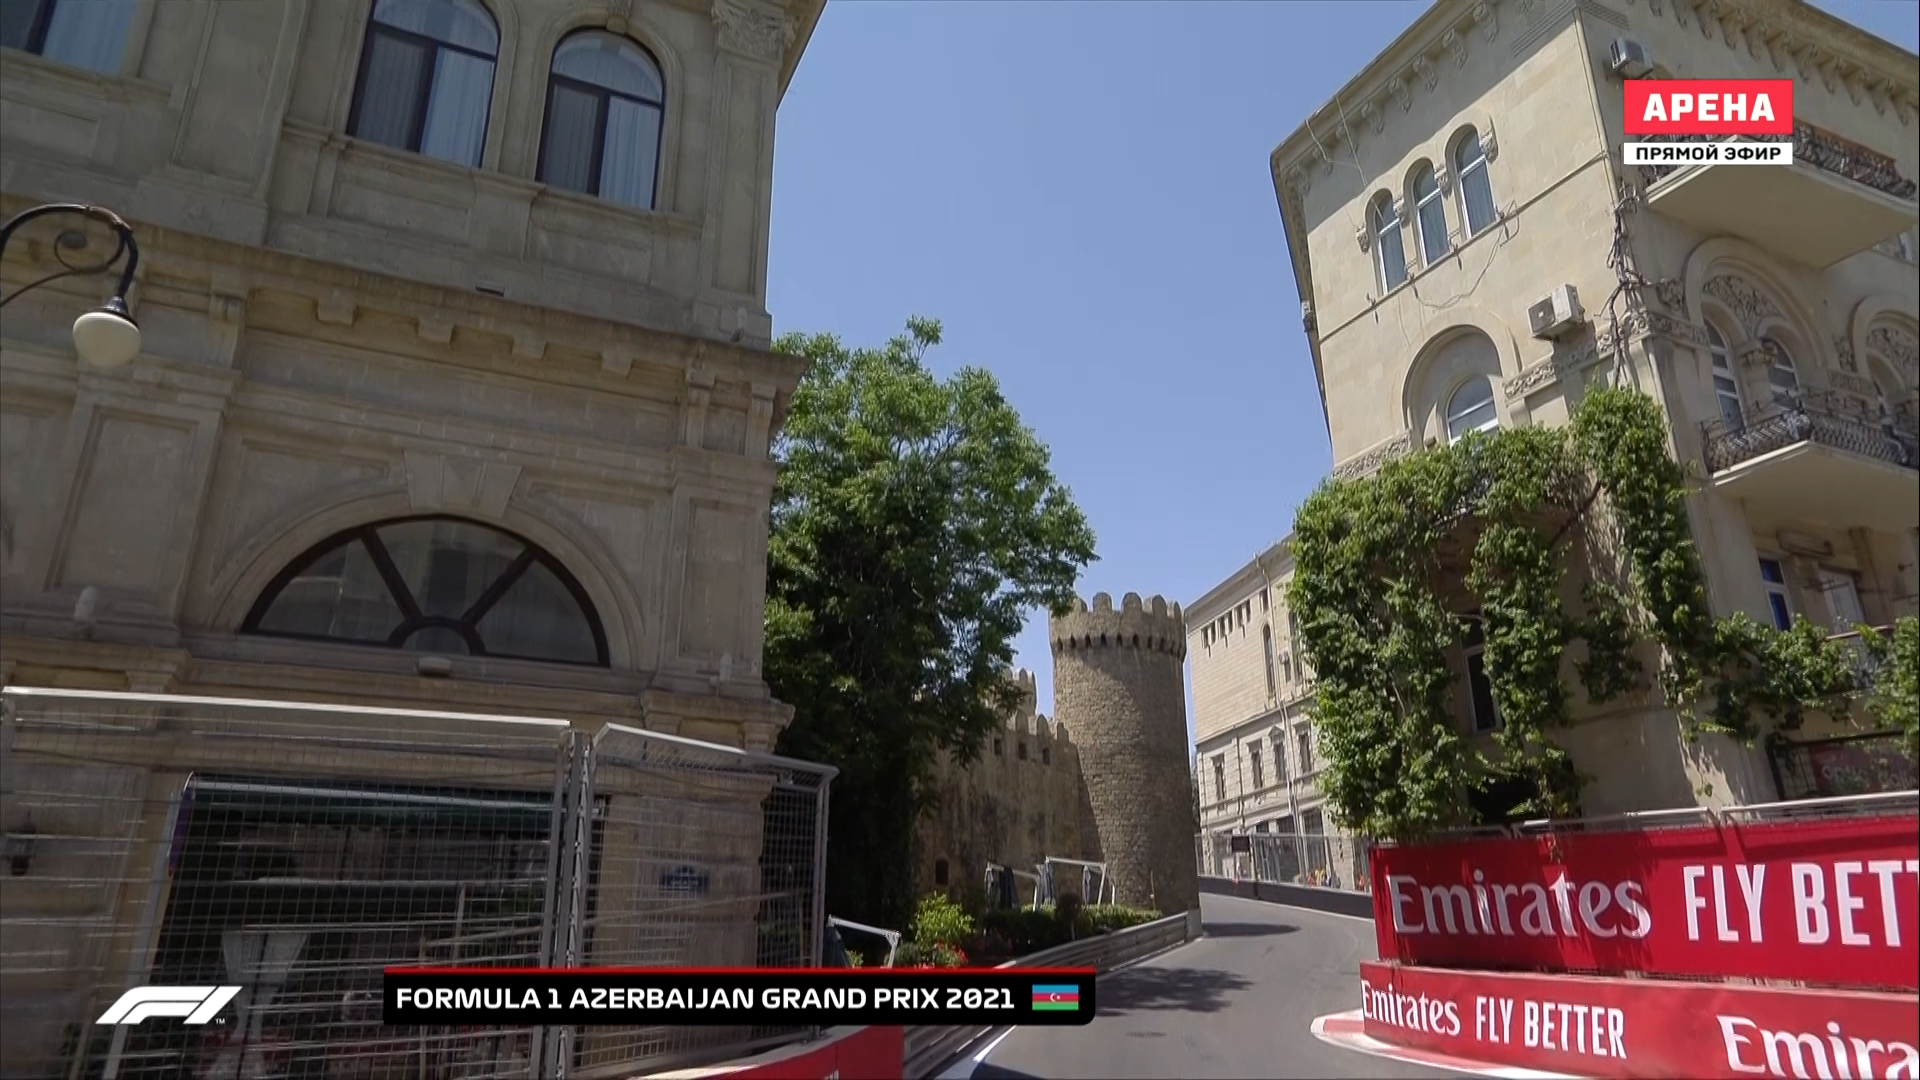 Изображение для Формула 1. Сезон 2021 / Этап 6. Гран-при Азербайджана. Практика (1) (2021) HDTV 1080i (кликните для просмотра полного изображения)